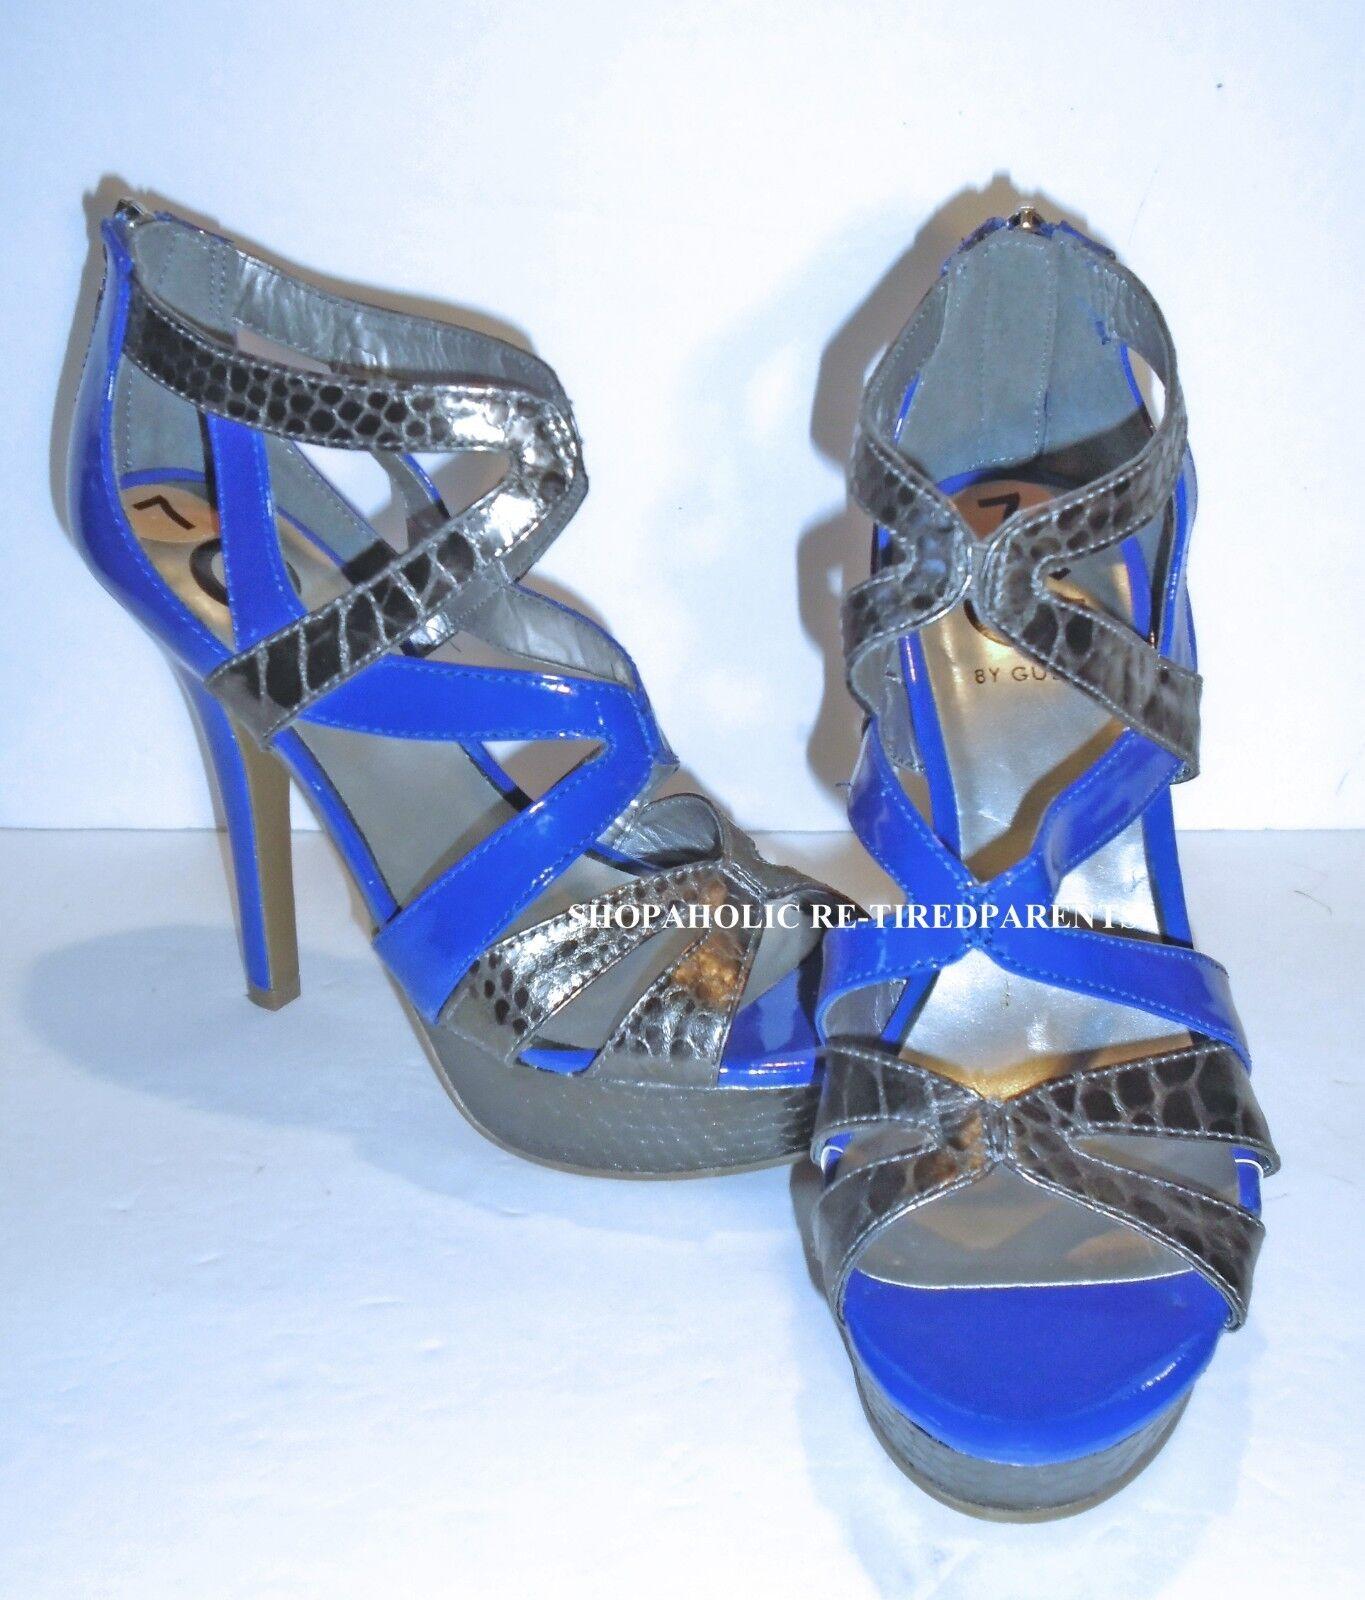 G By By By Guess-De Vestir Zapatos Tacón Sandalias - – 5  – Azul Y Plateado – Talla 7-nuevo  125  grandes ahorros